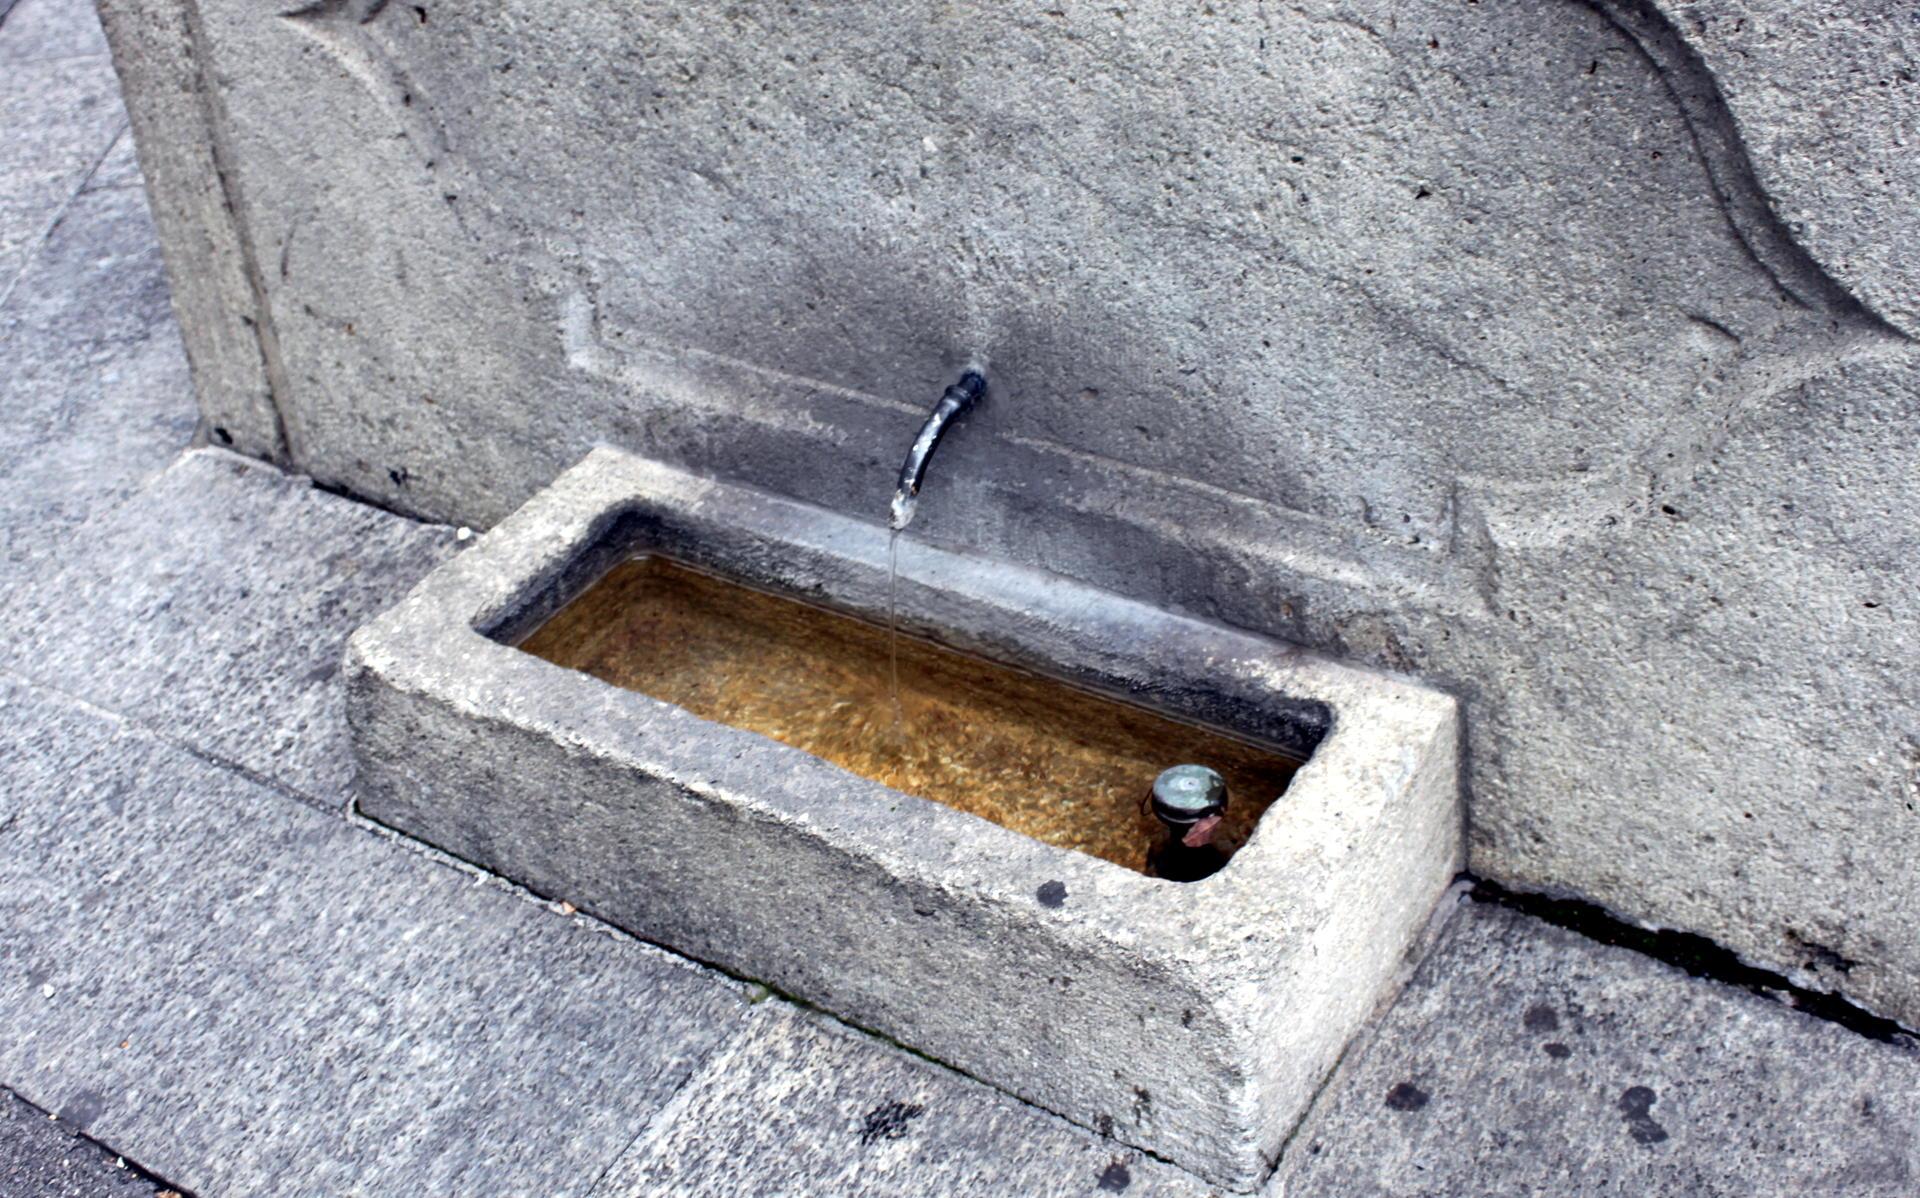 szwajcaria żródełka z wodą dla zwierząt iglawpodrozy